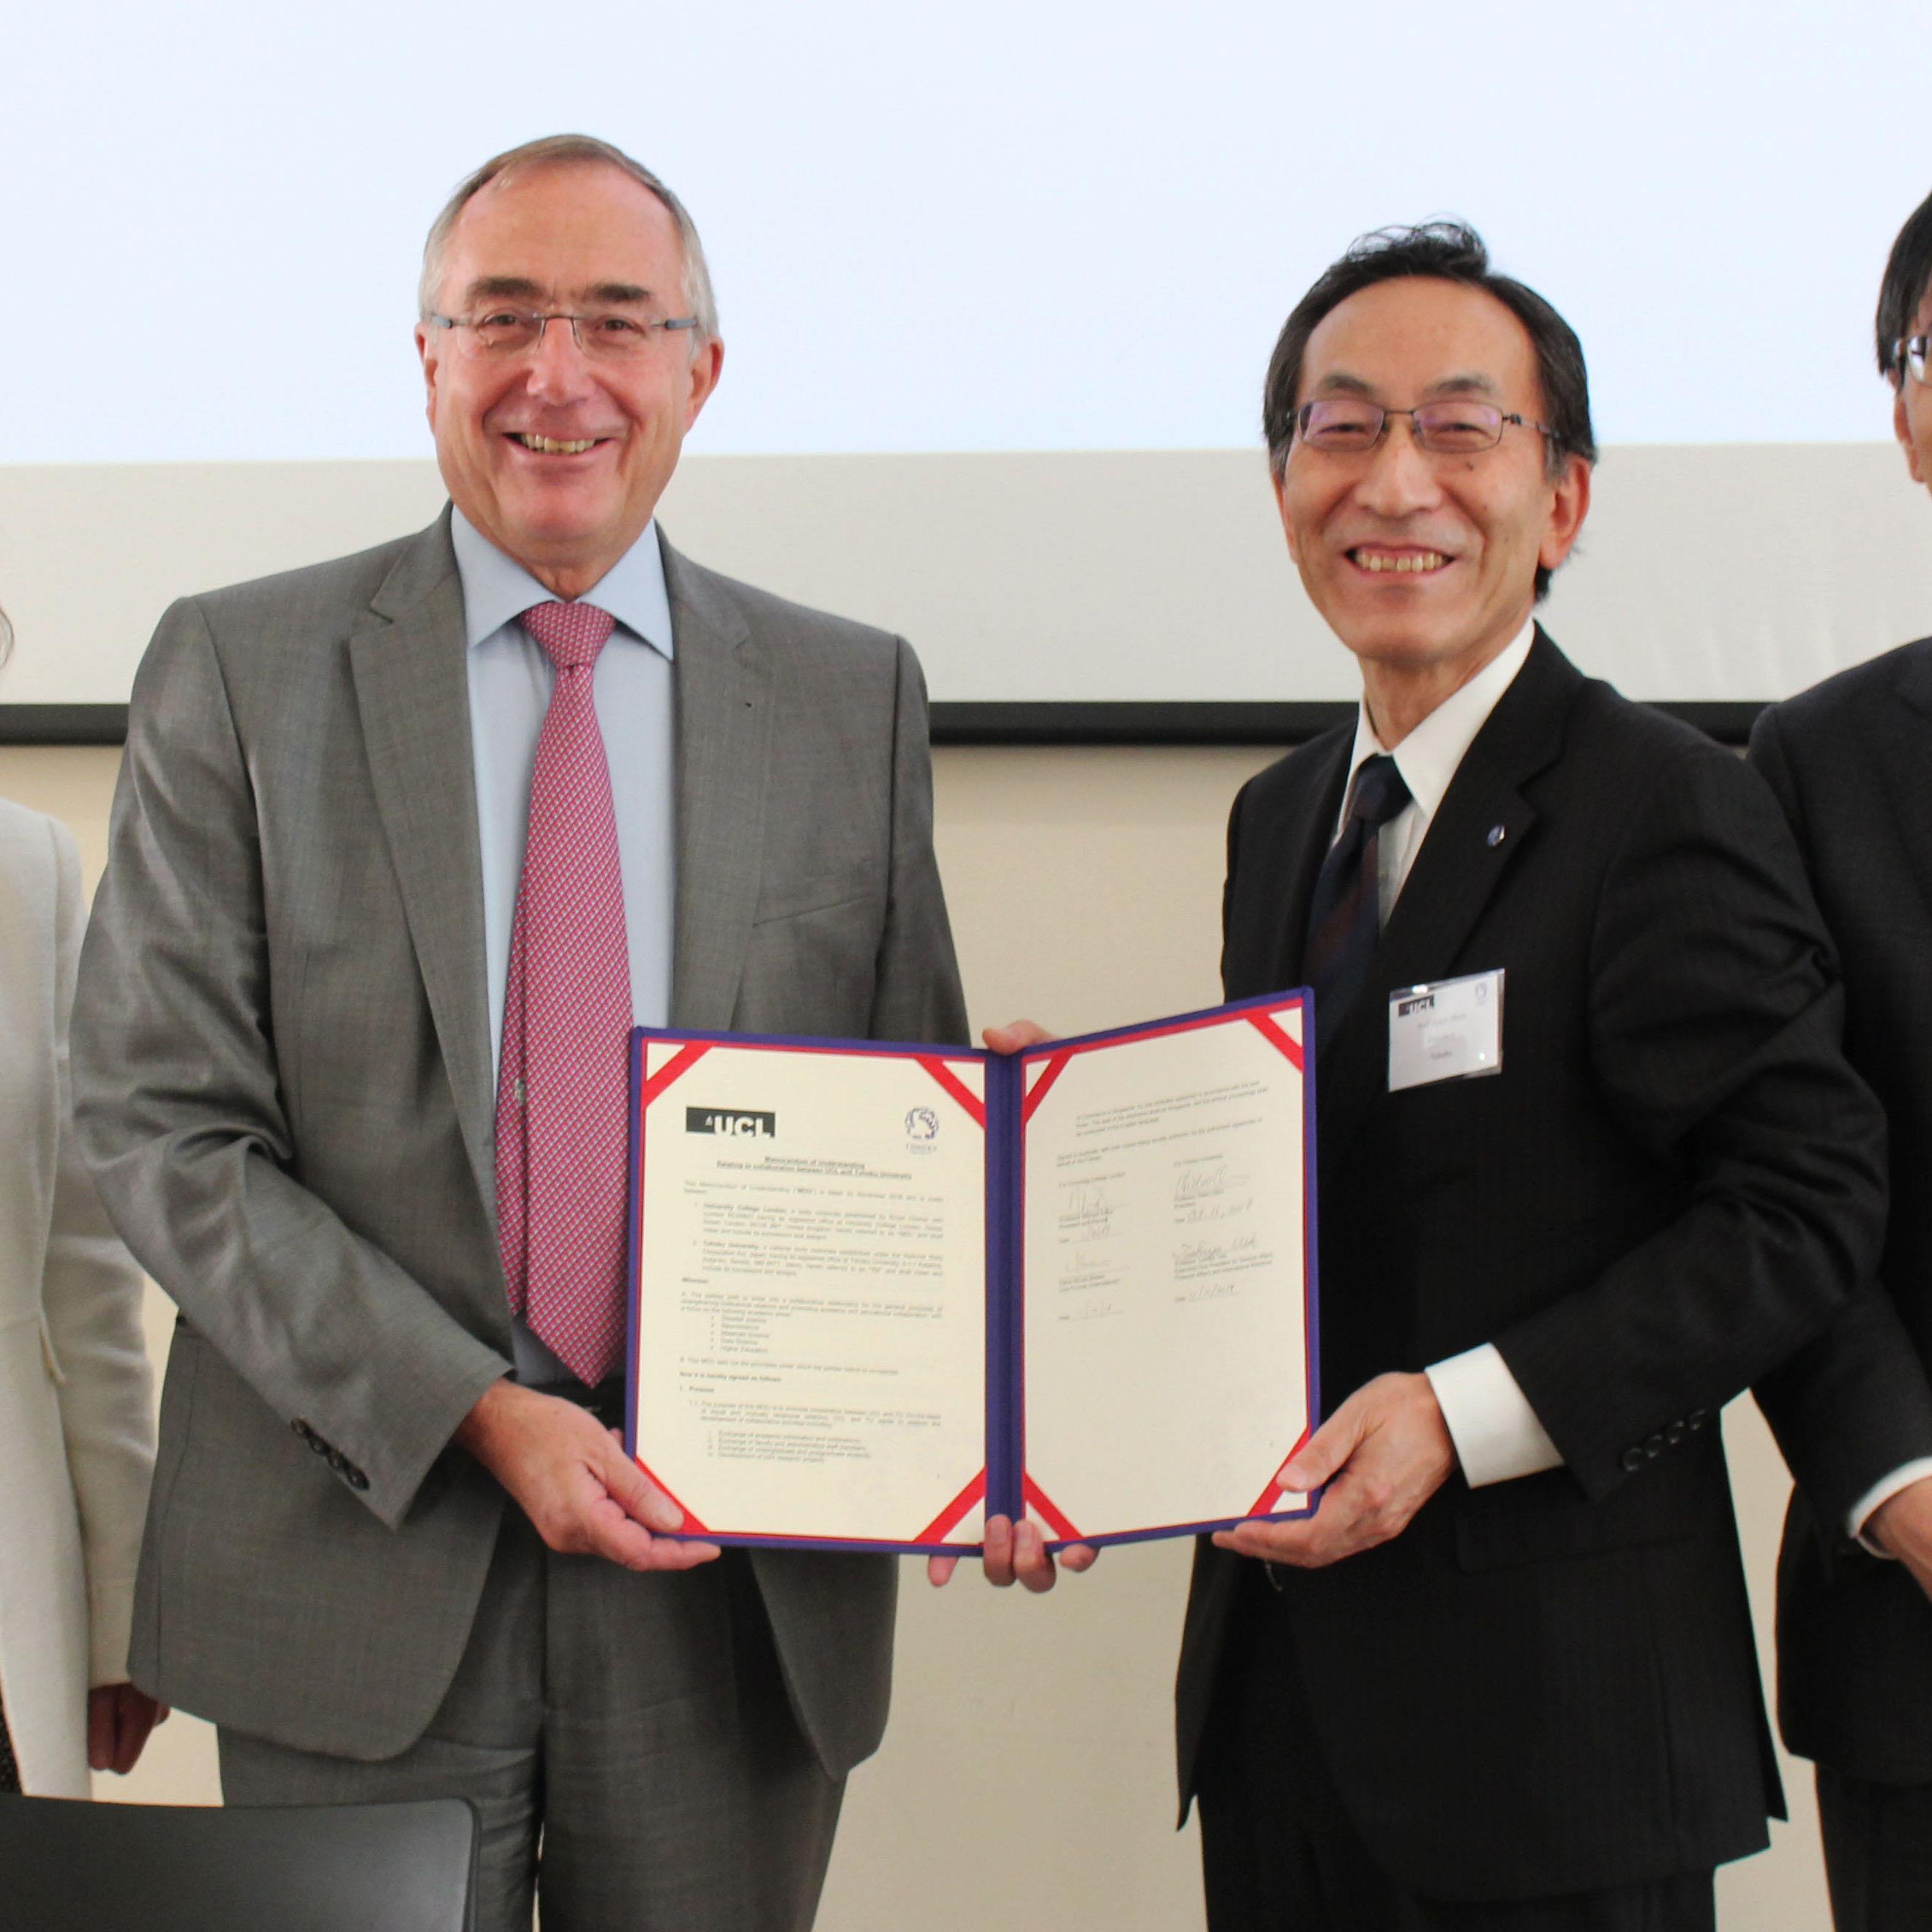 UCL and Tohoku signing MOU